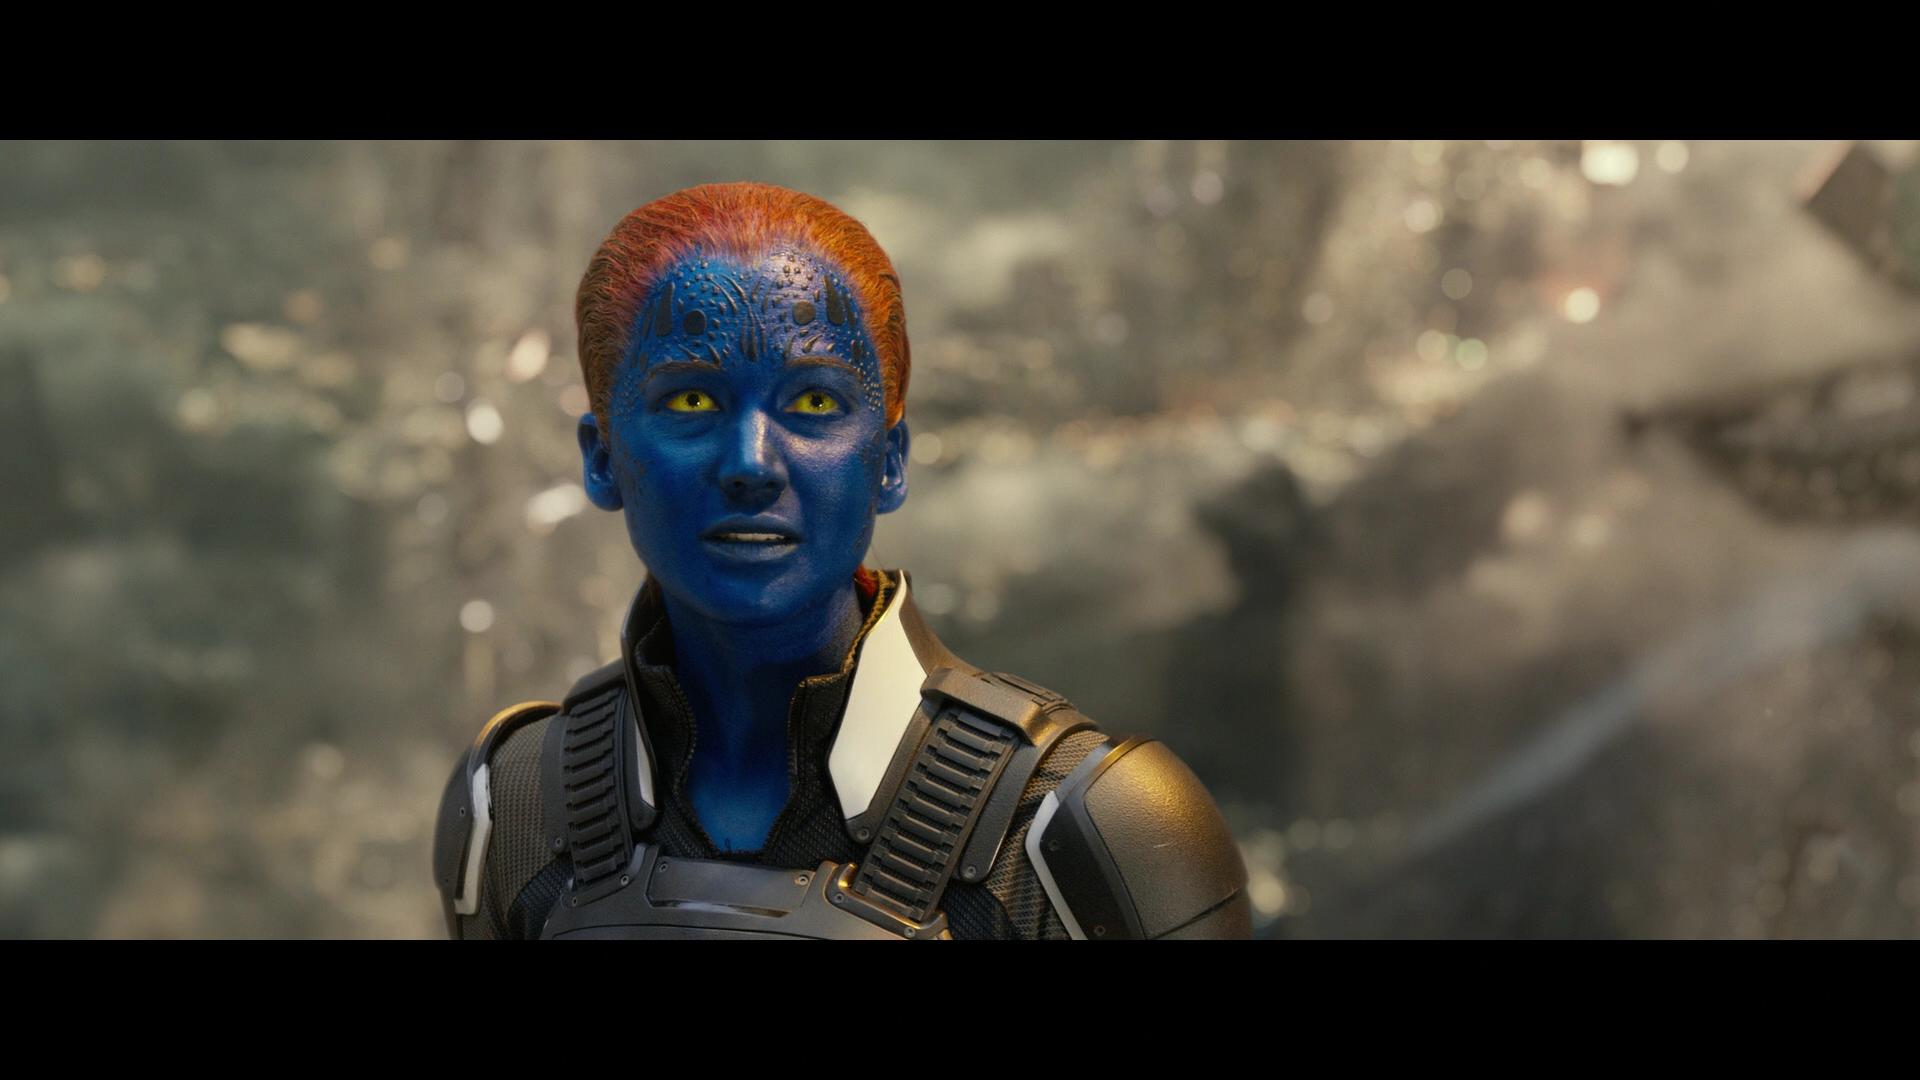 Люди икс: апокалипсис (2016) скачать торрентом фильм бесплатно.